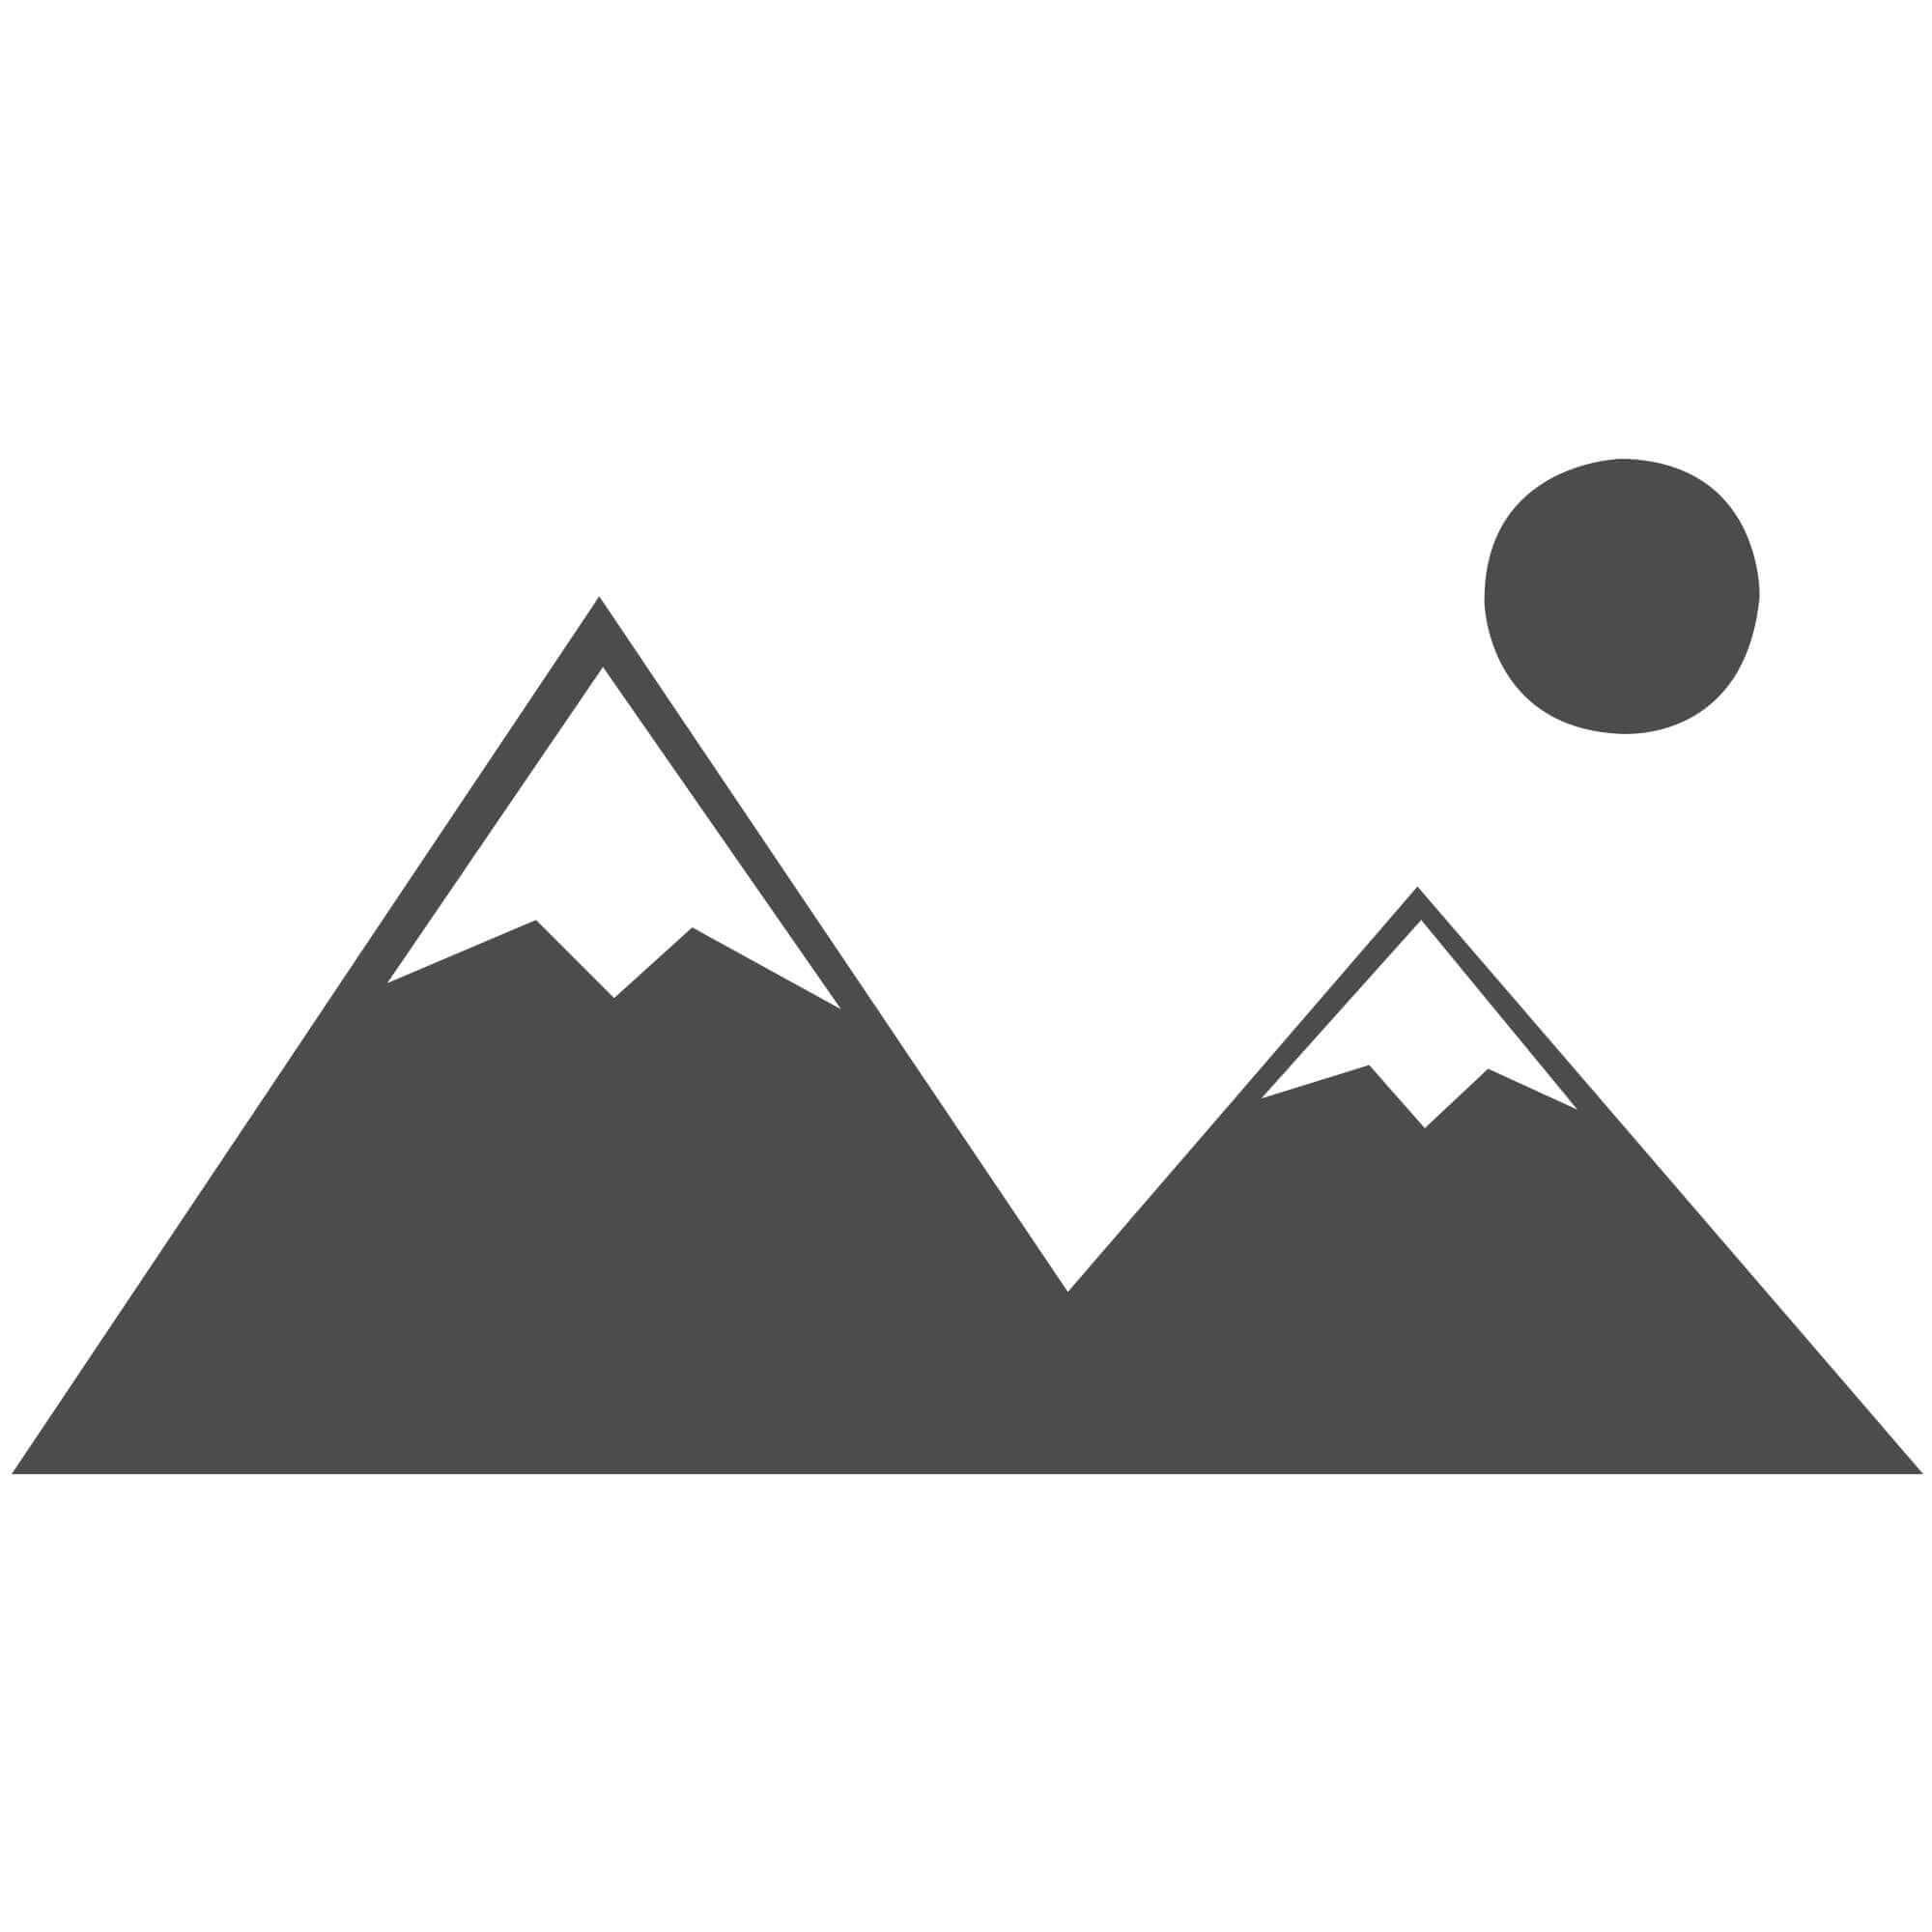 """Athena Shaggy Rug - Beige White - Size 120 x 170 cm (4' x 5'7"""")"""